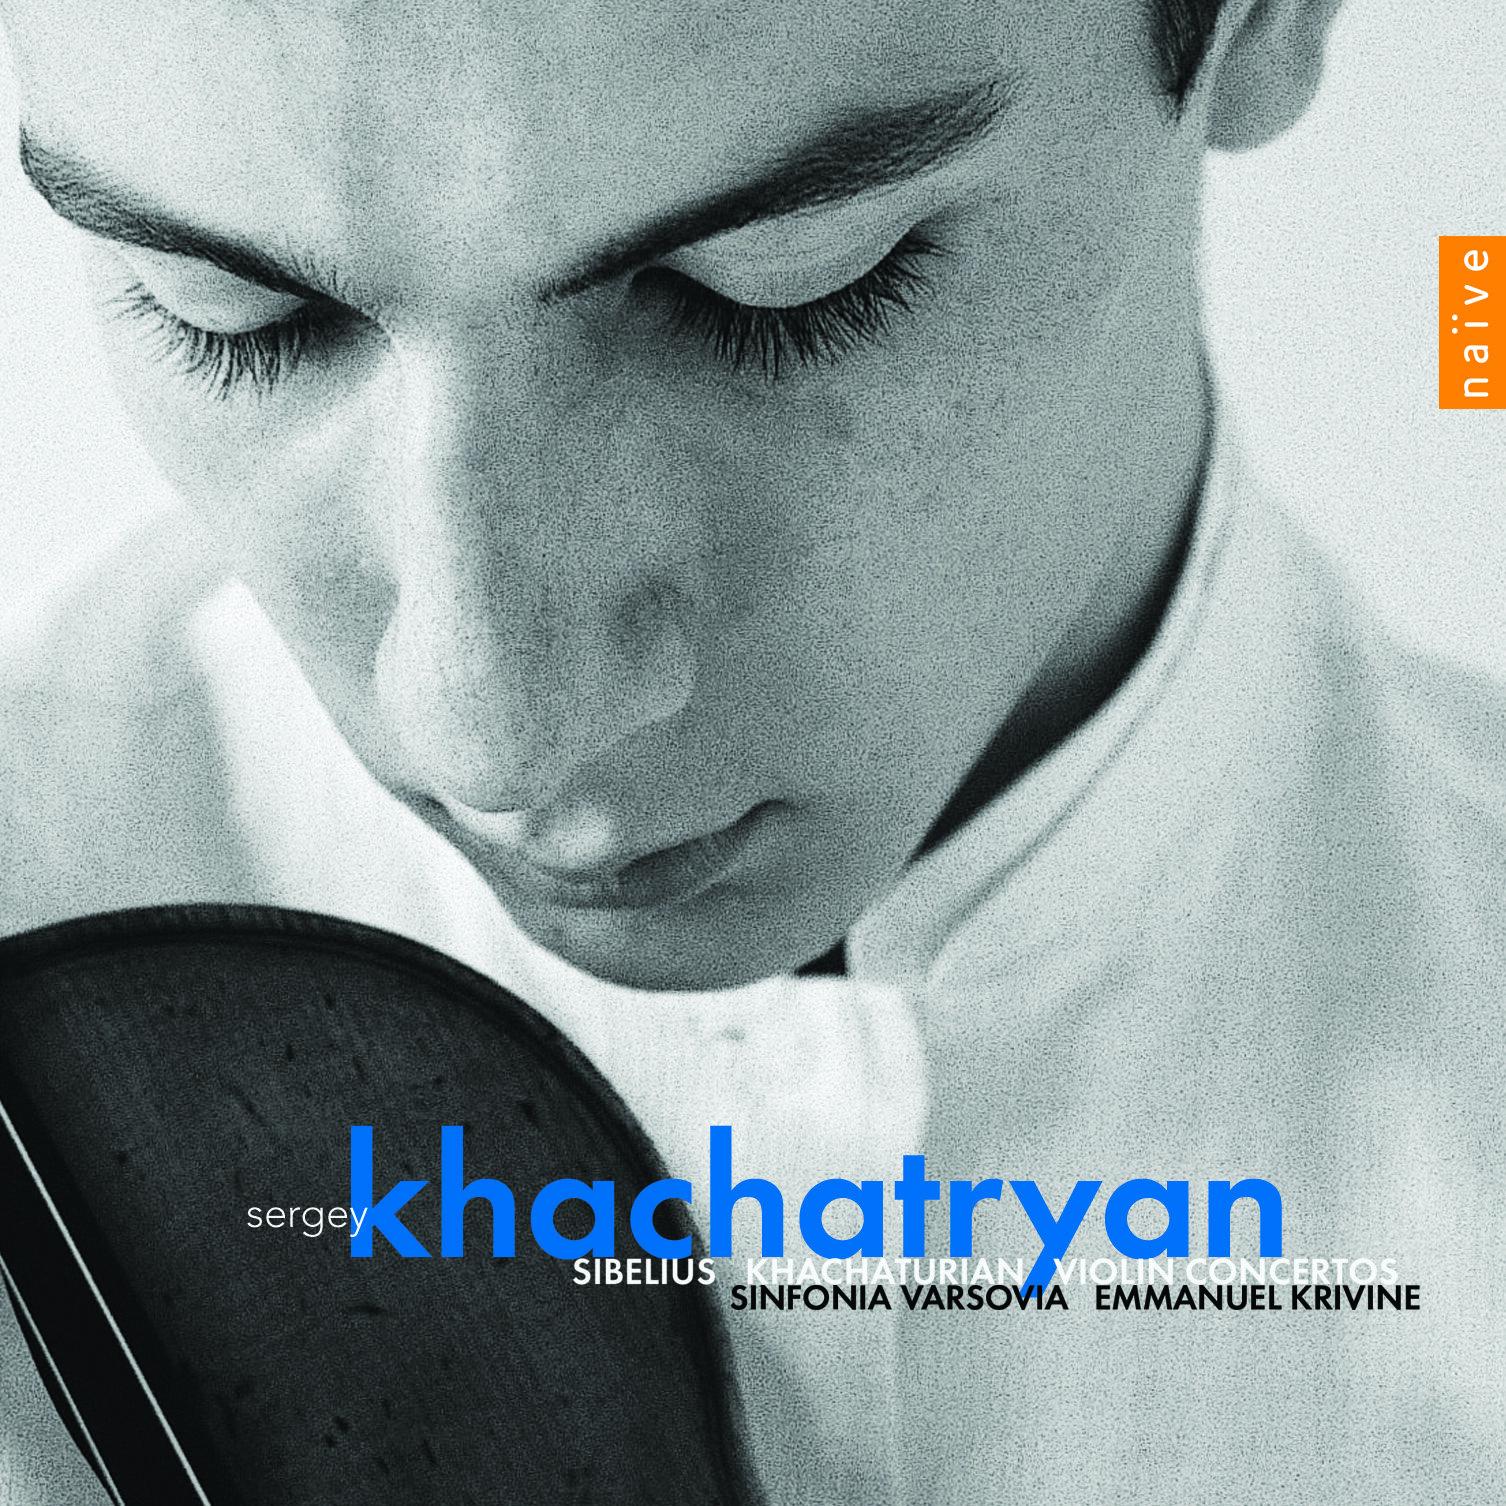 V4959 K Sibelius Khachaturian Khachatryan.jpg